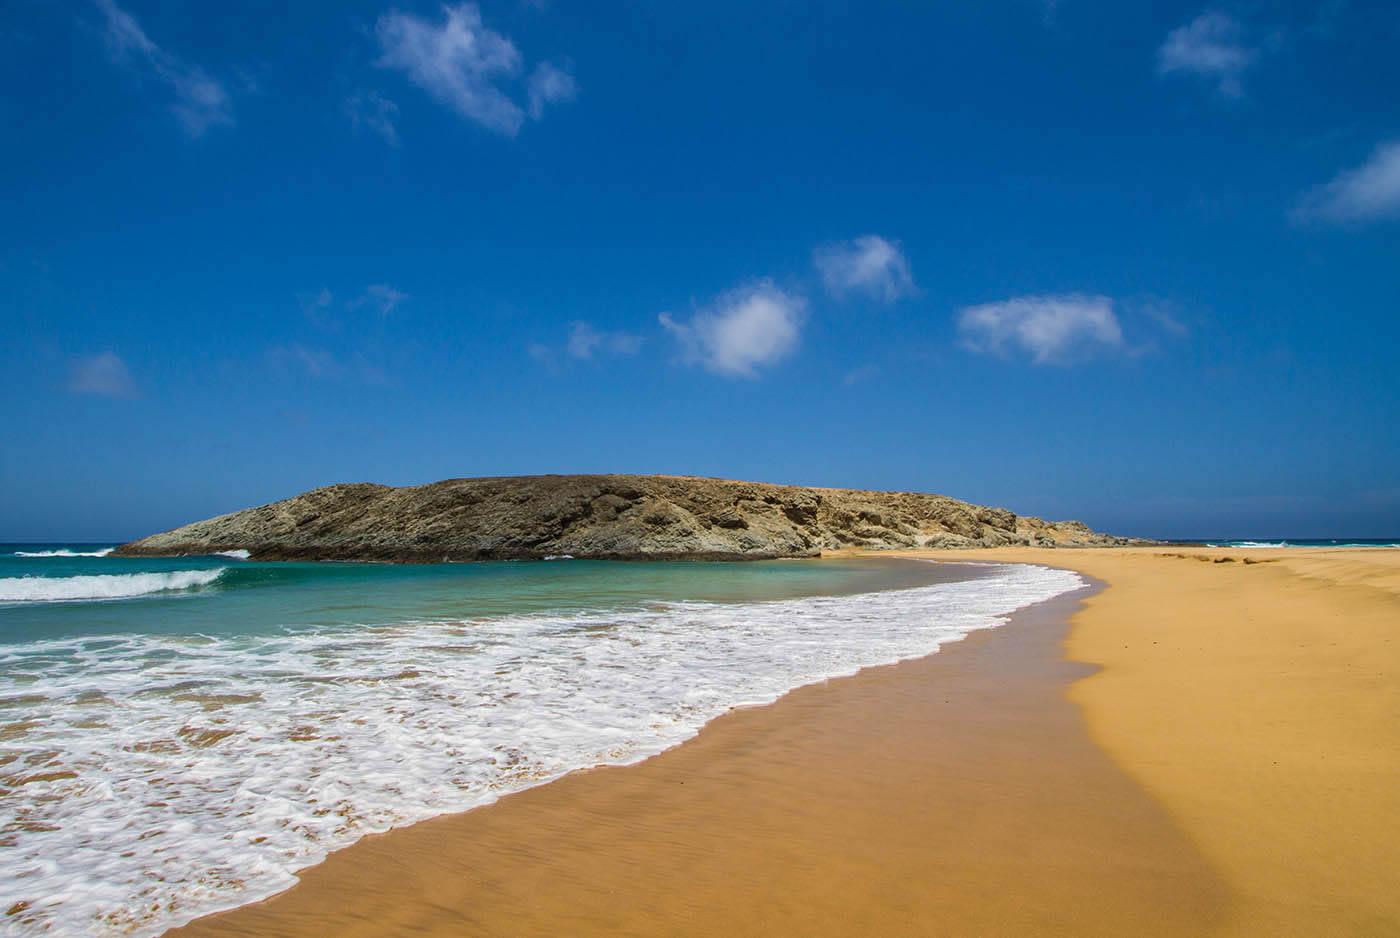 фуэртевентура канарские острова фото тяготеет свободной планировке